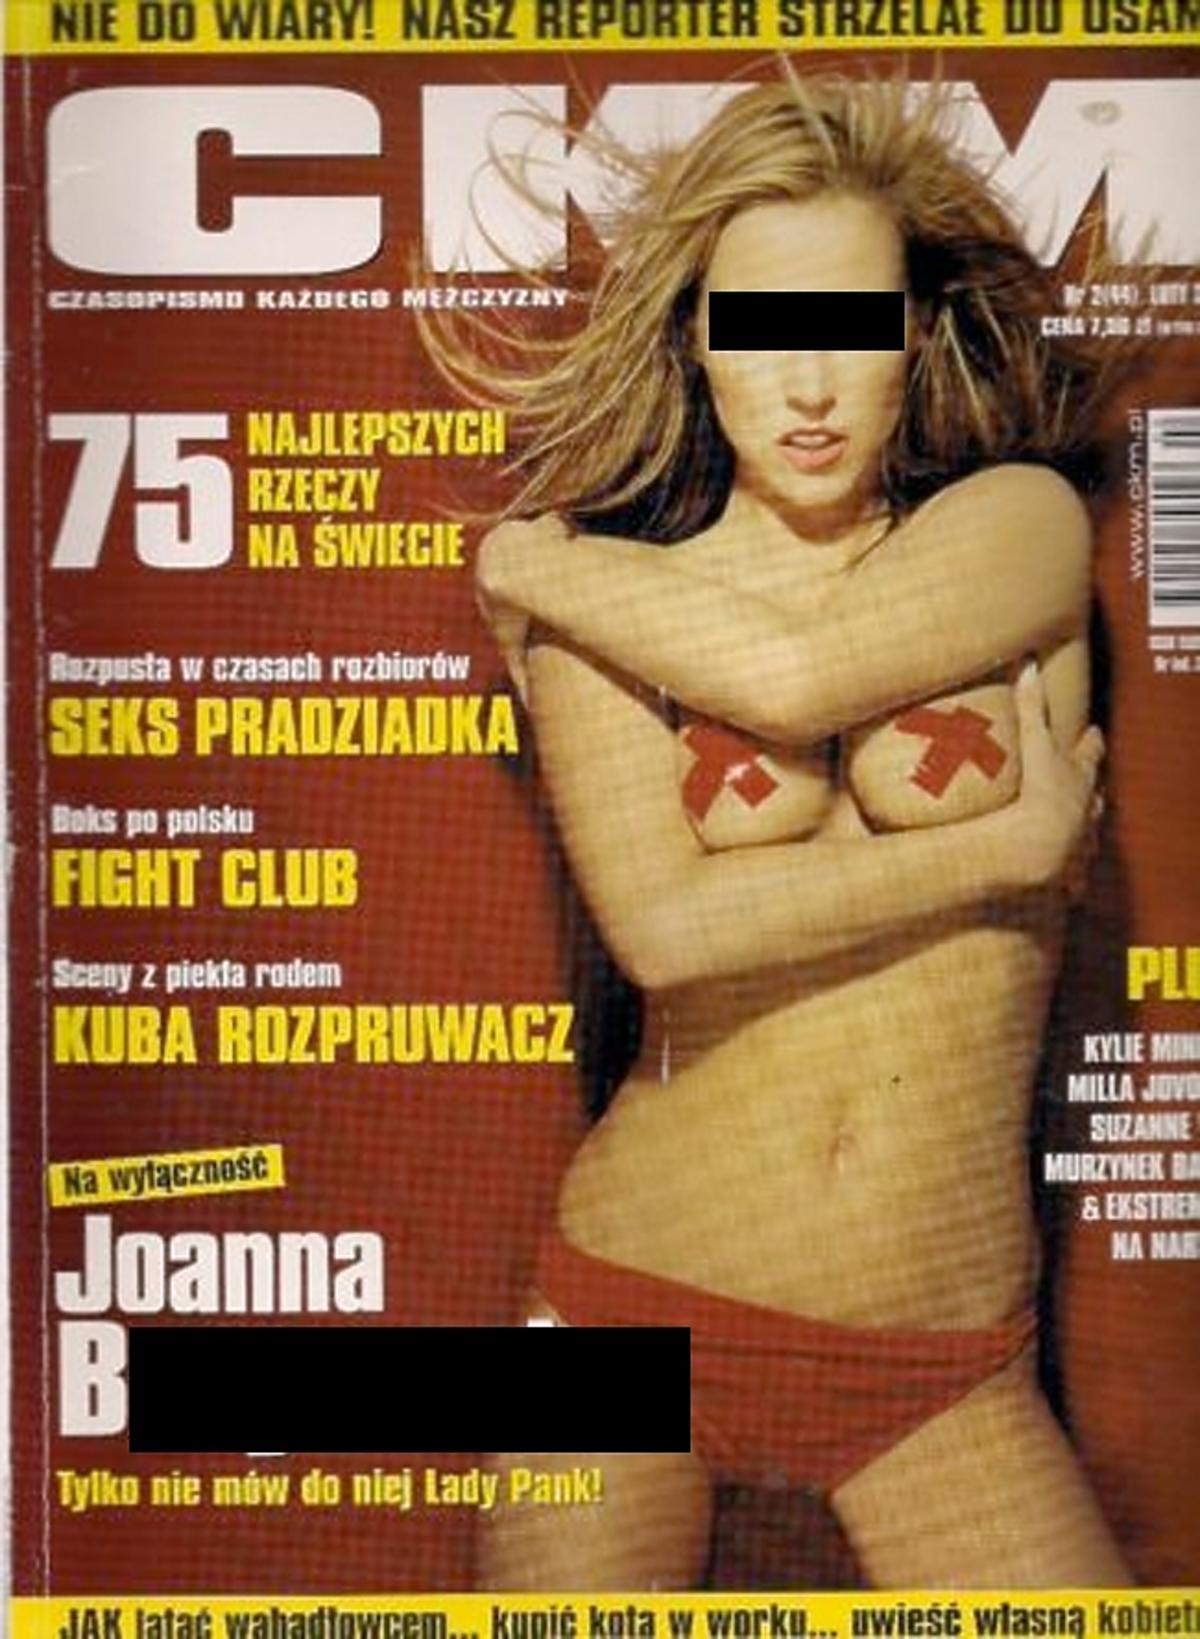 Joanna Borysewicz prowadziła agencję towarzyską